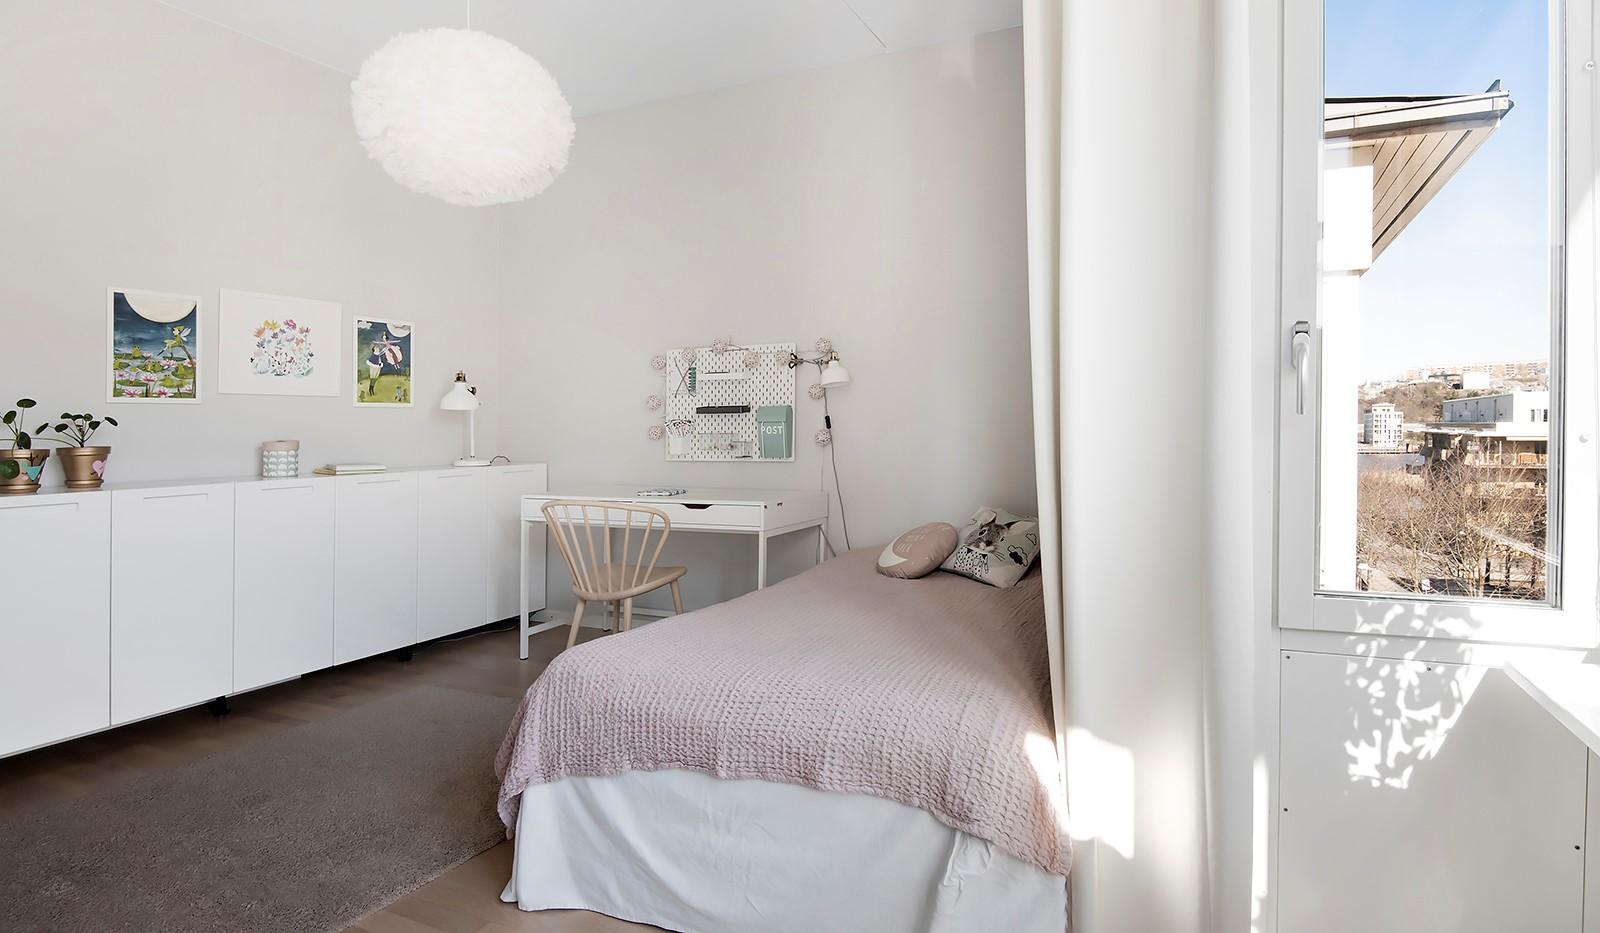 Babordsgatan 5, vån 3 - I sovrummet ryms både säng, skrivbord och förvaring